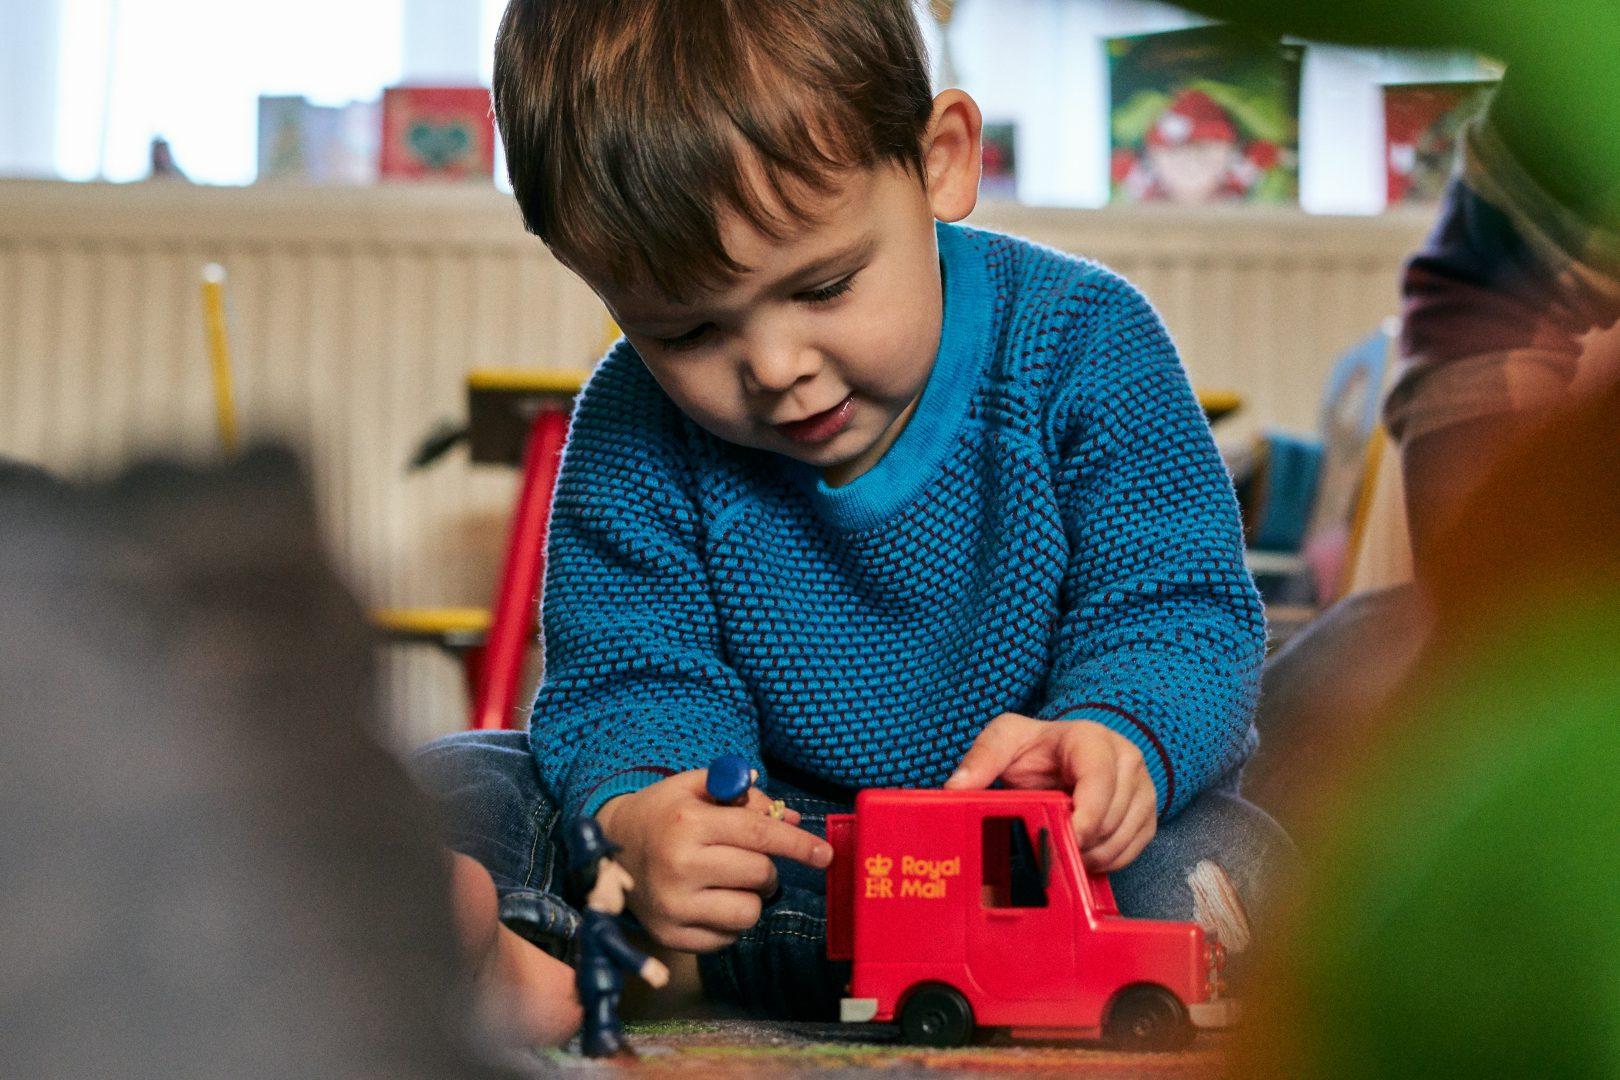 3 year old boy plays with postman pat red van